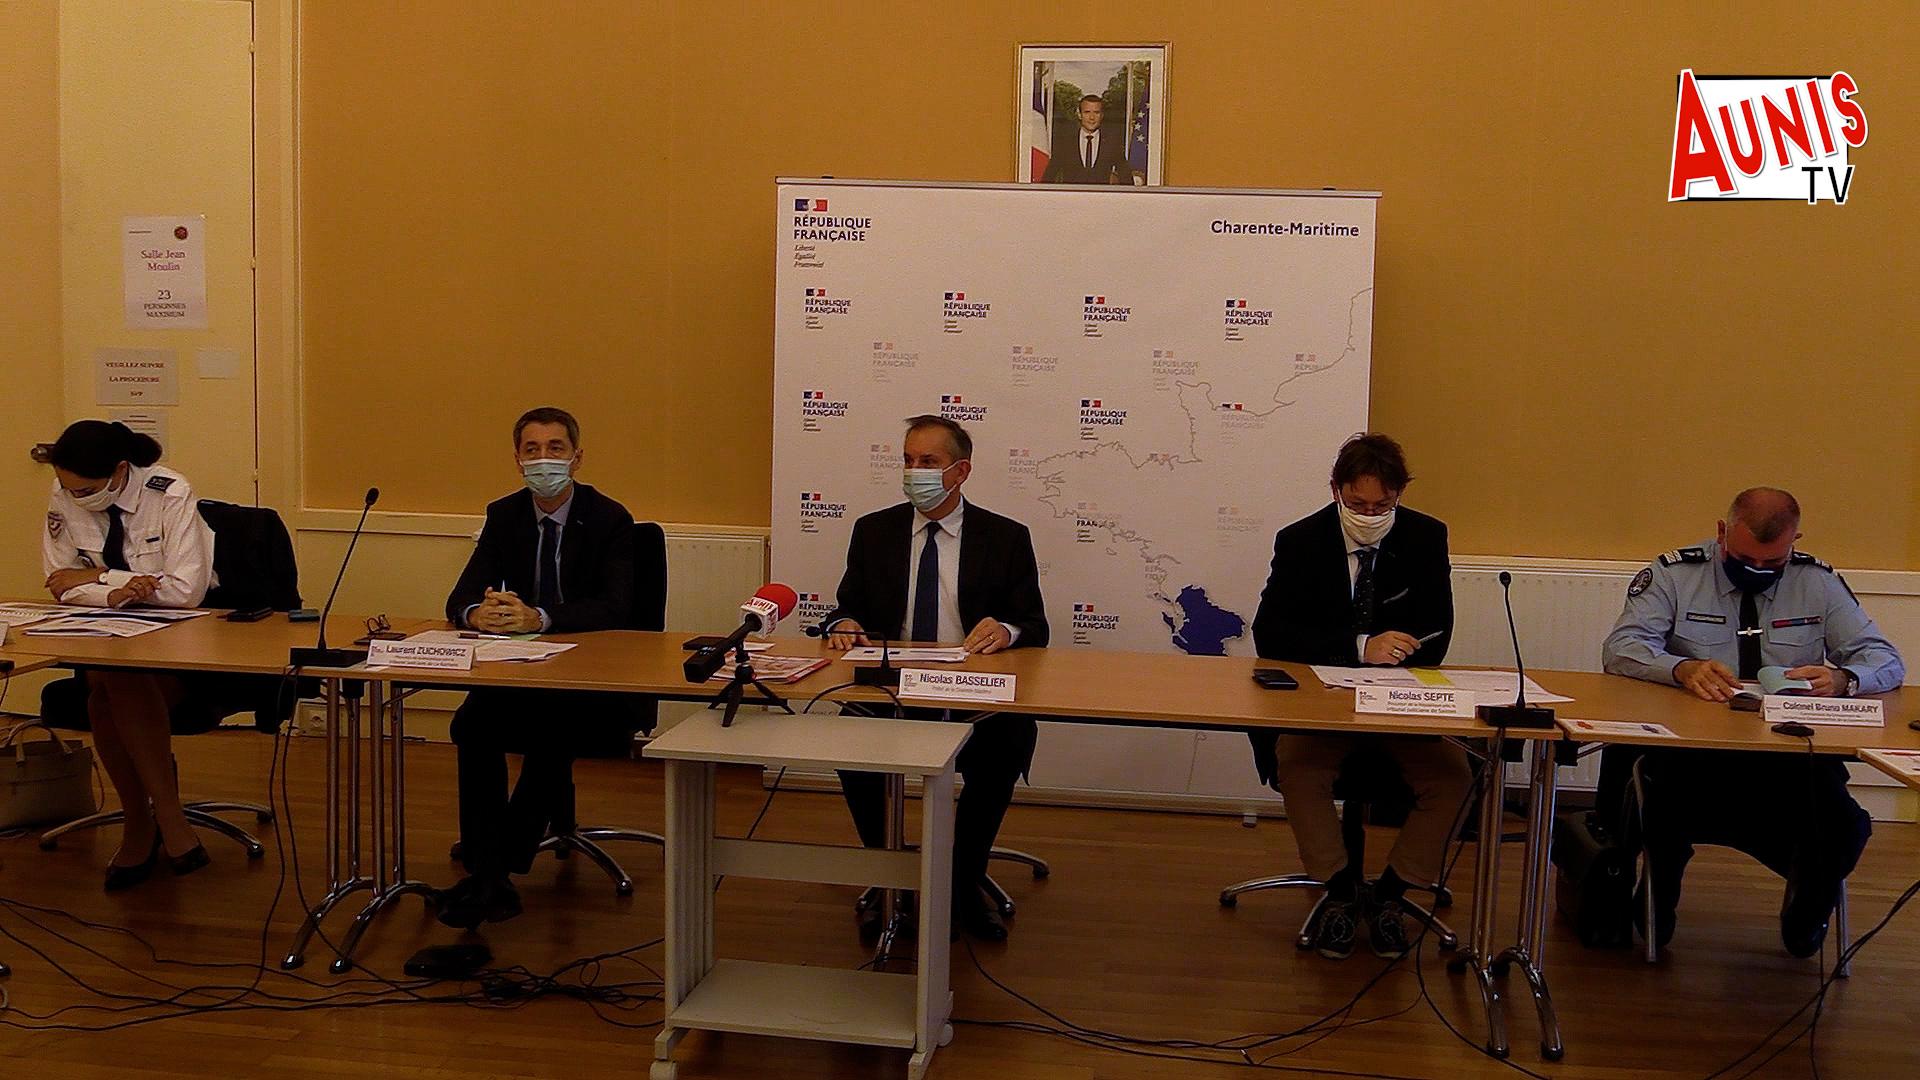 Conf presse délinquance sécurité routière Charente Maritime en 2020